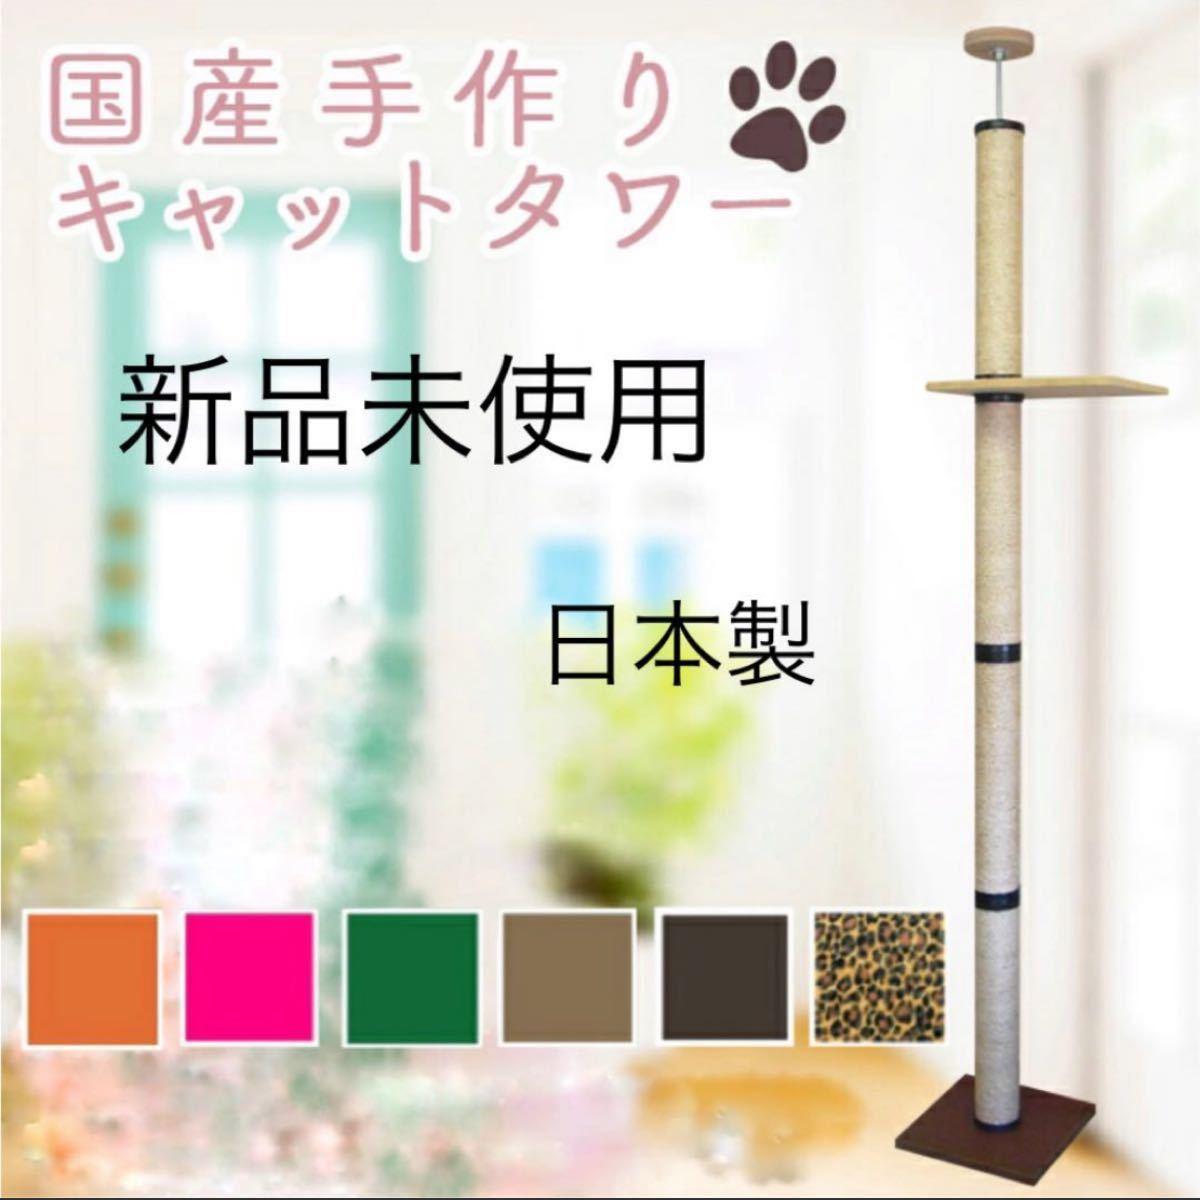 キャットタワー シンプル 日本製  突っ張り  麻紐  天井突っ張りタイプ